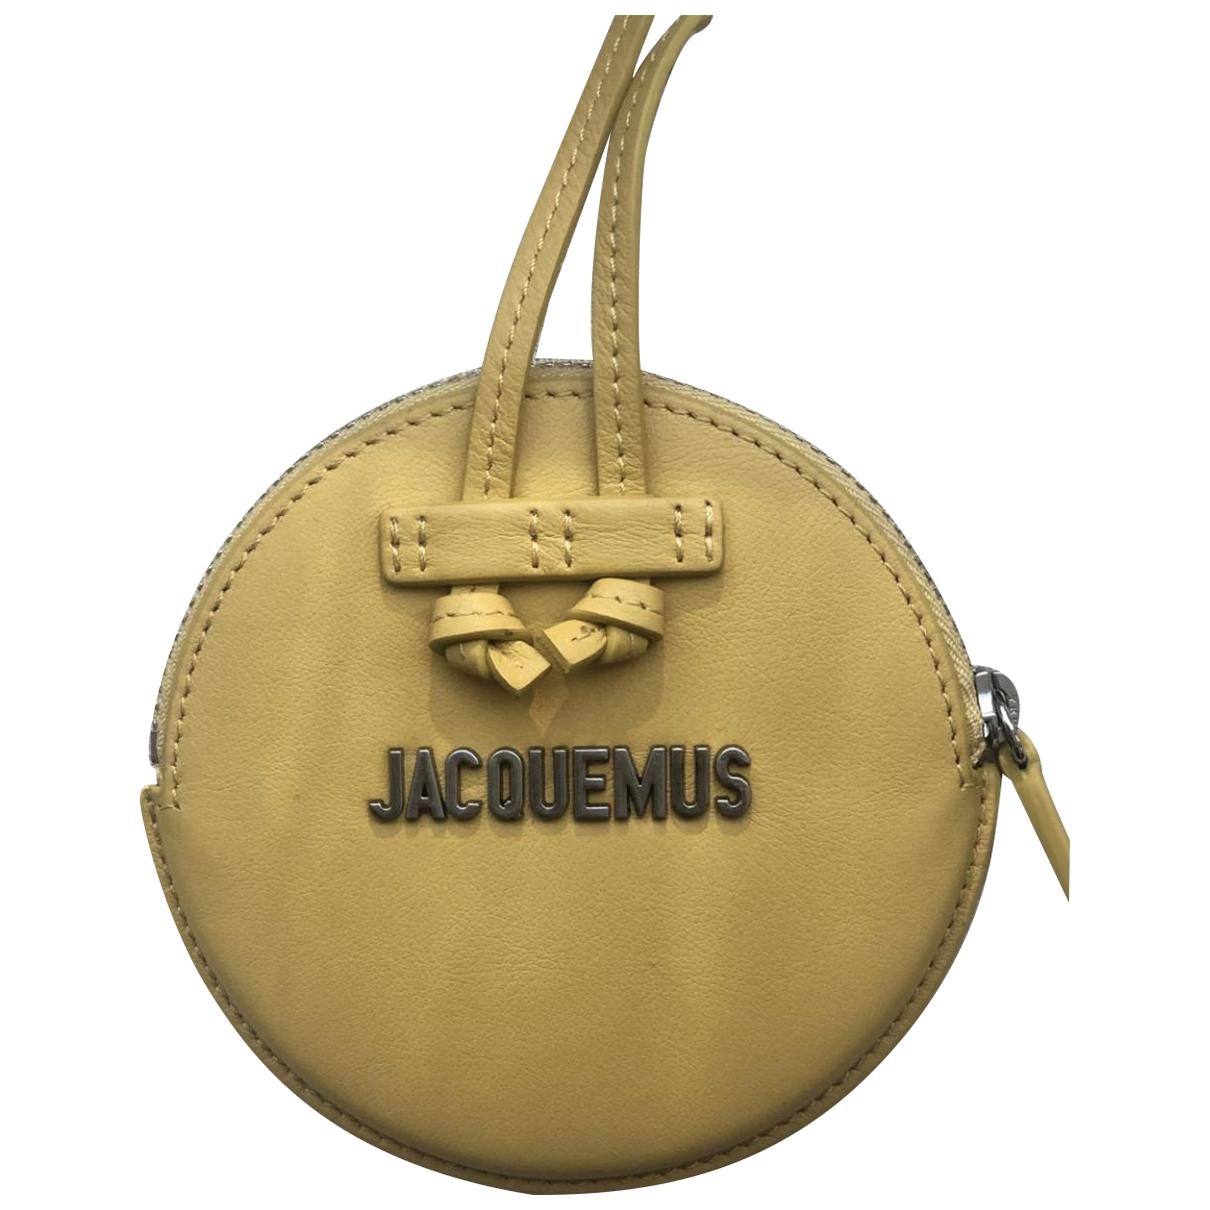 Jacquemus - Petite maroquinerie   pour homme en cuir - jaune